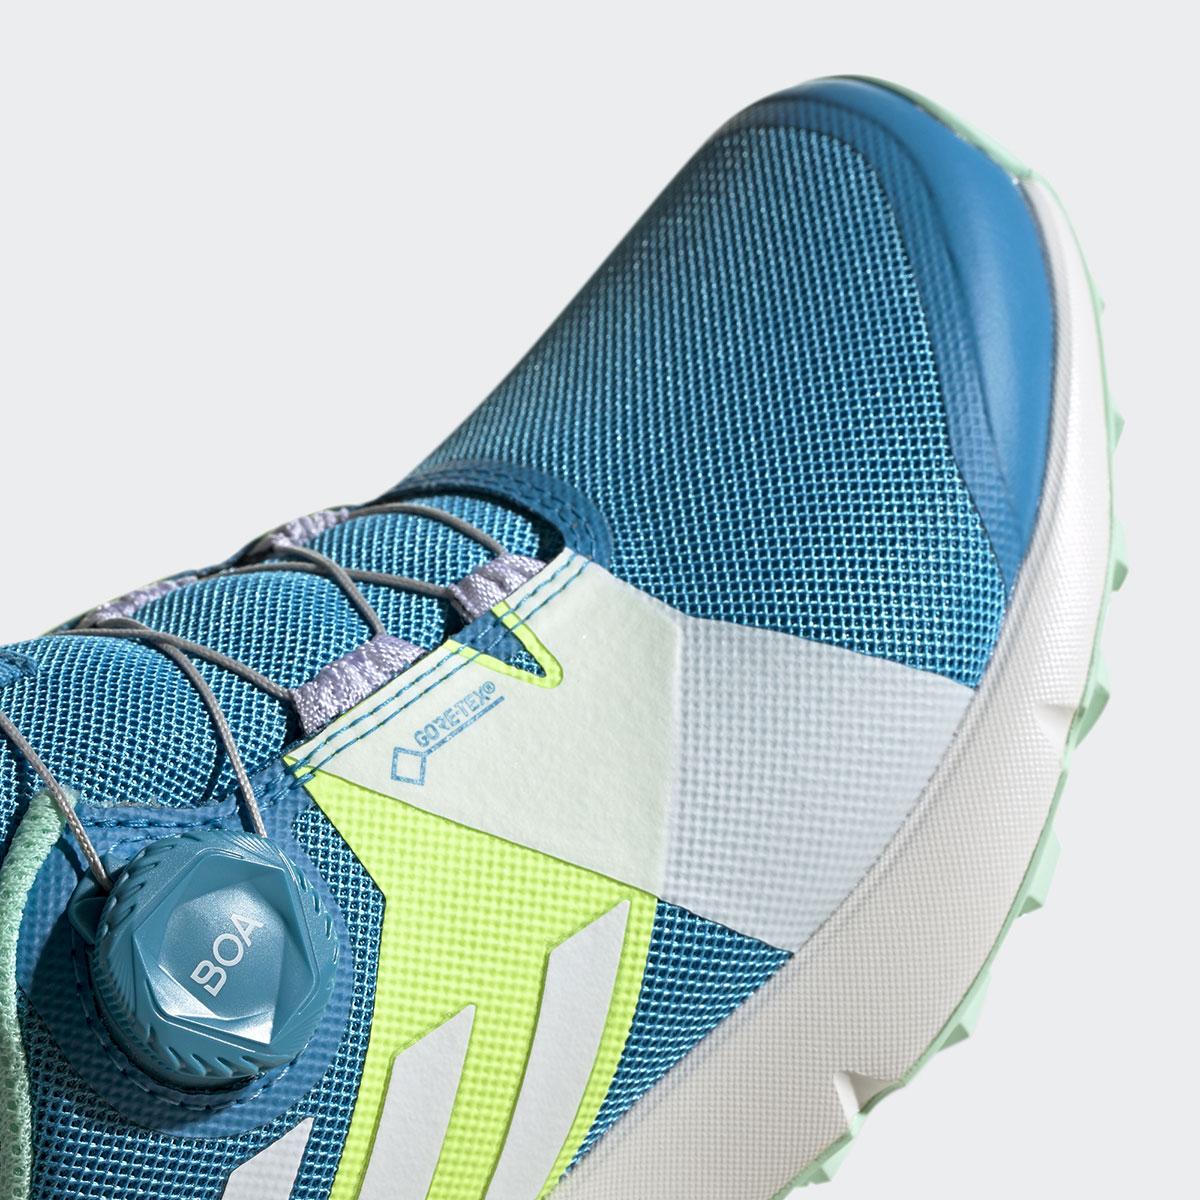 Scarpe adidas da donna in goretex Terrex Two Boa con Sistema Boa Fit da trail running. Il Boa Closure System consente di indossare le scarpe con facilità